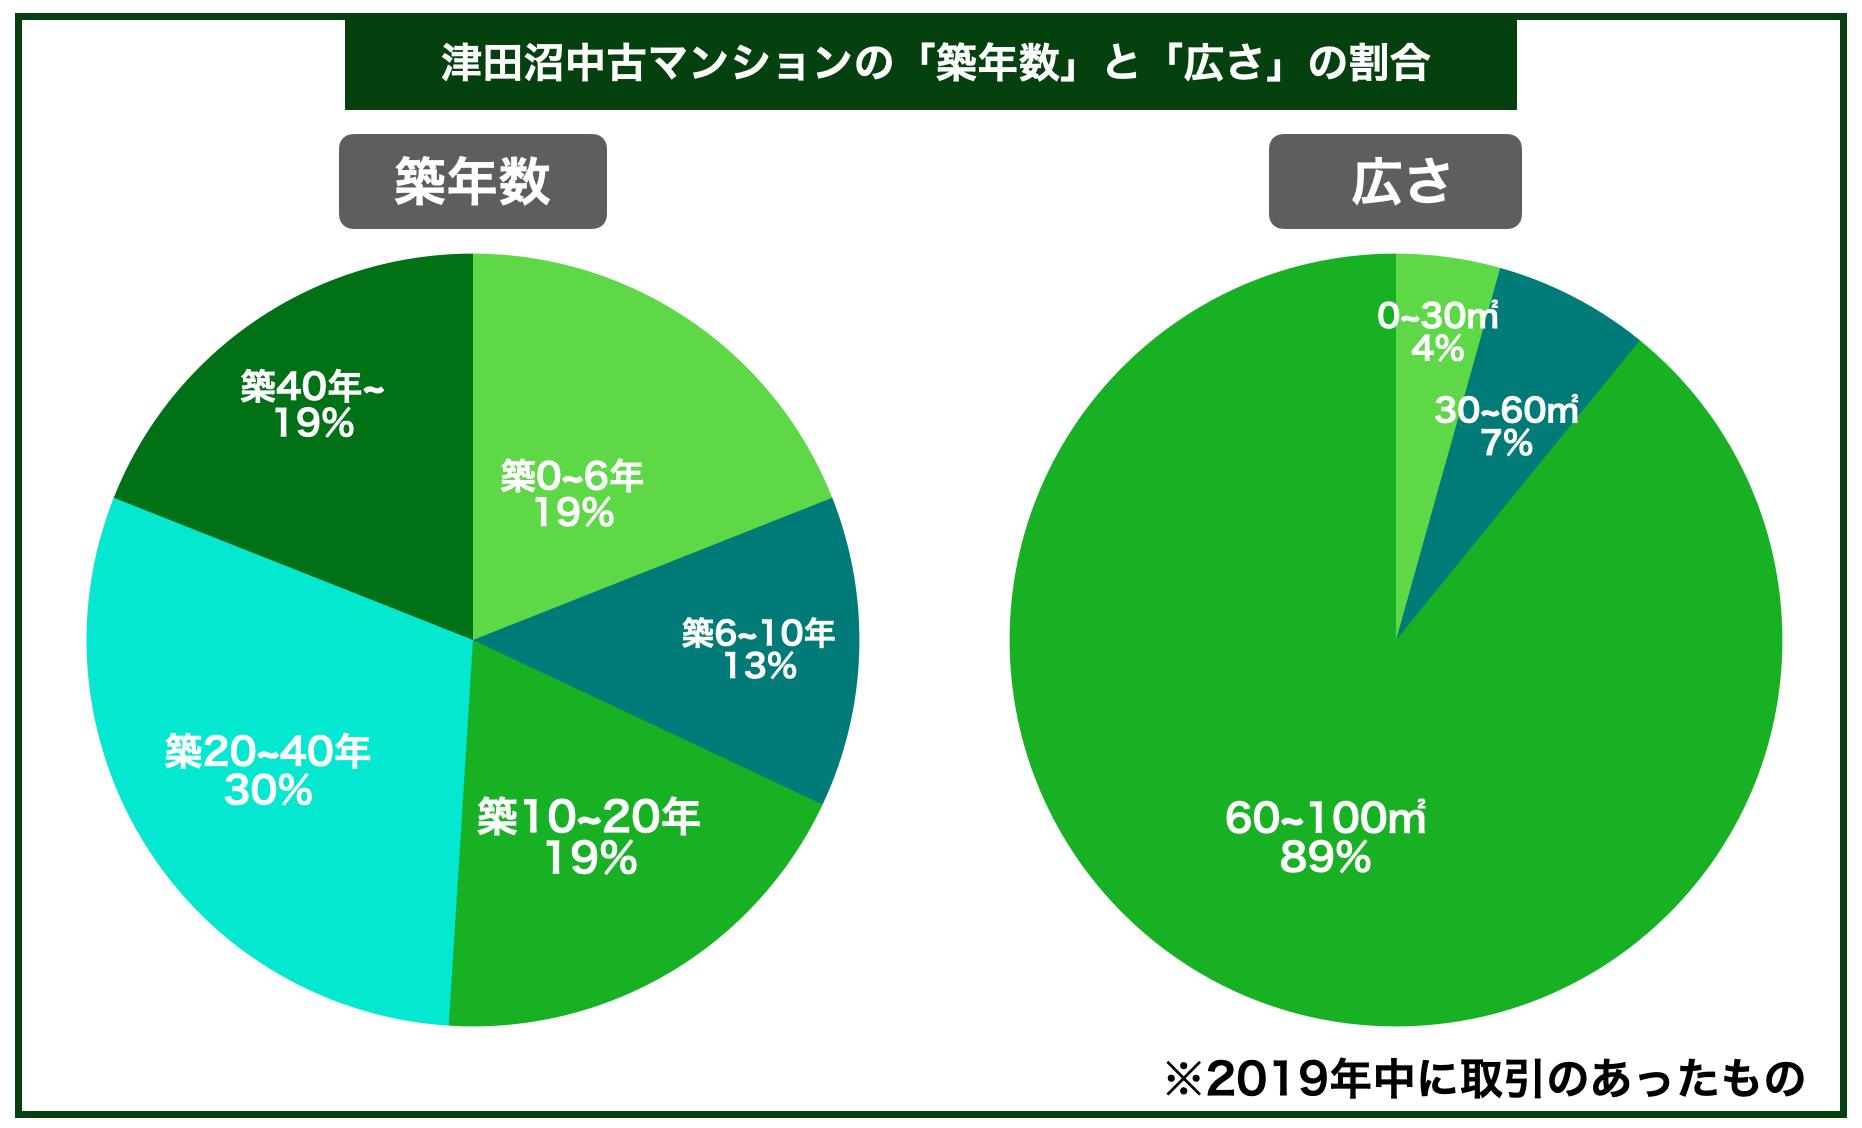 津田沼マンション築年数広さ割合